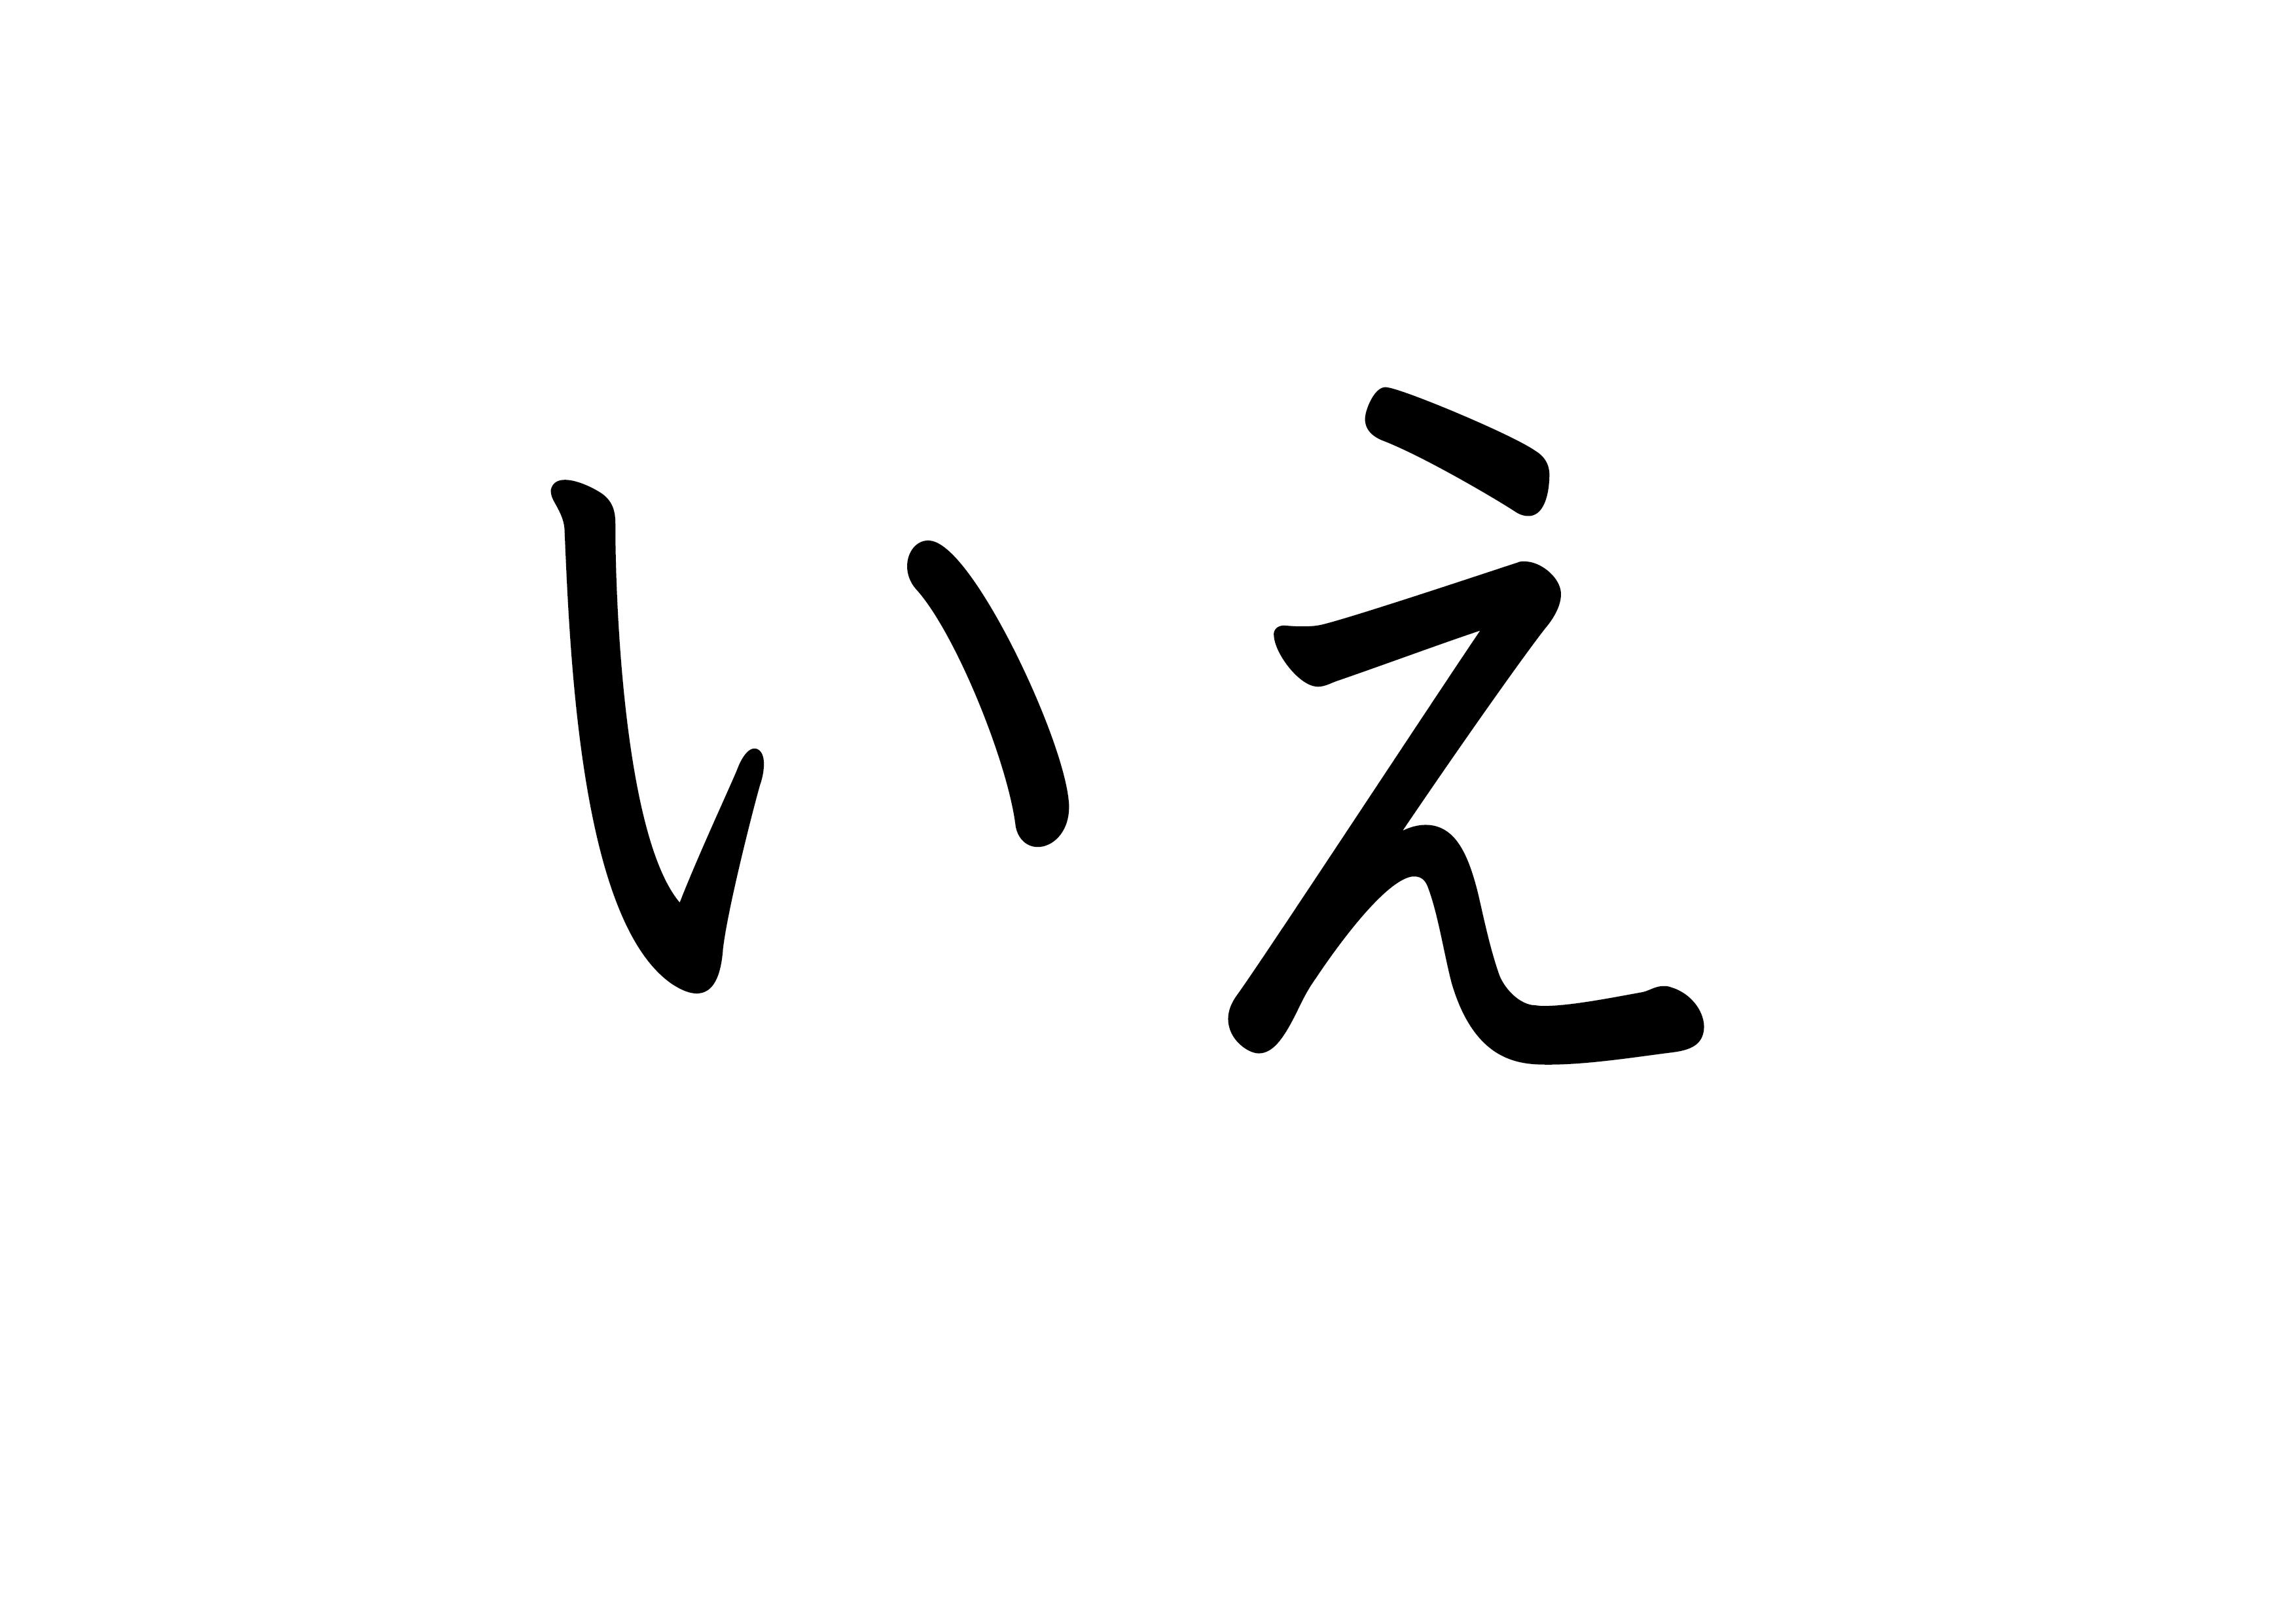 27課文字カード【家】